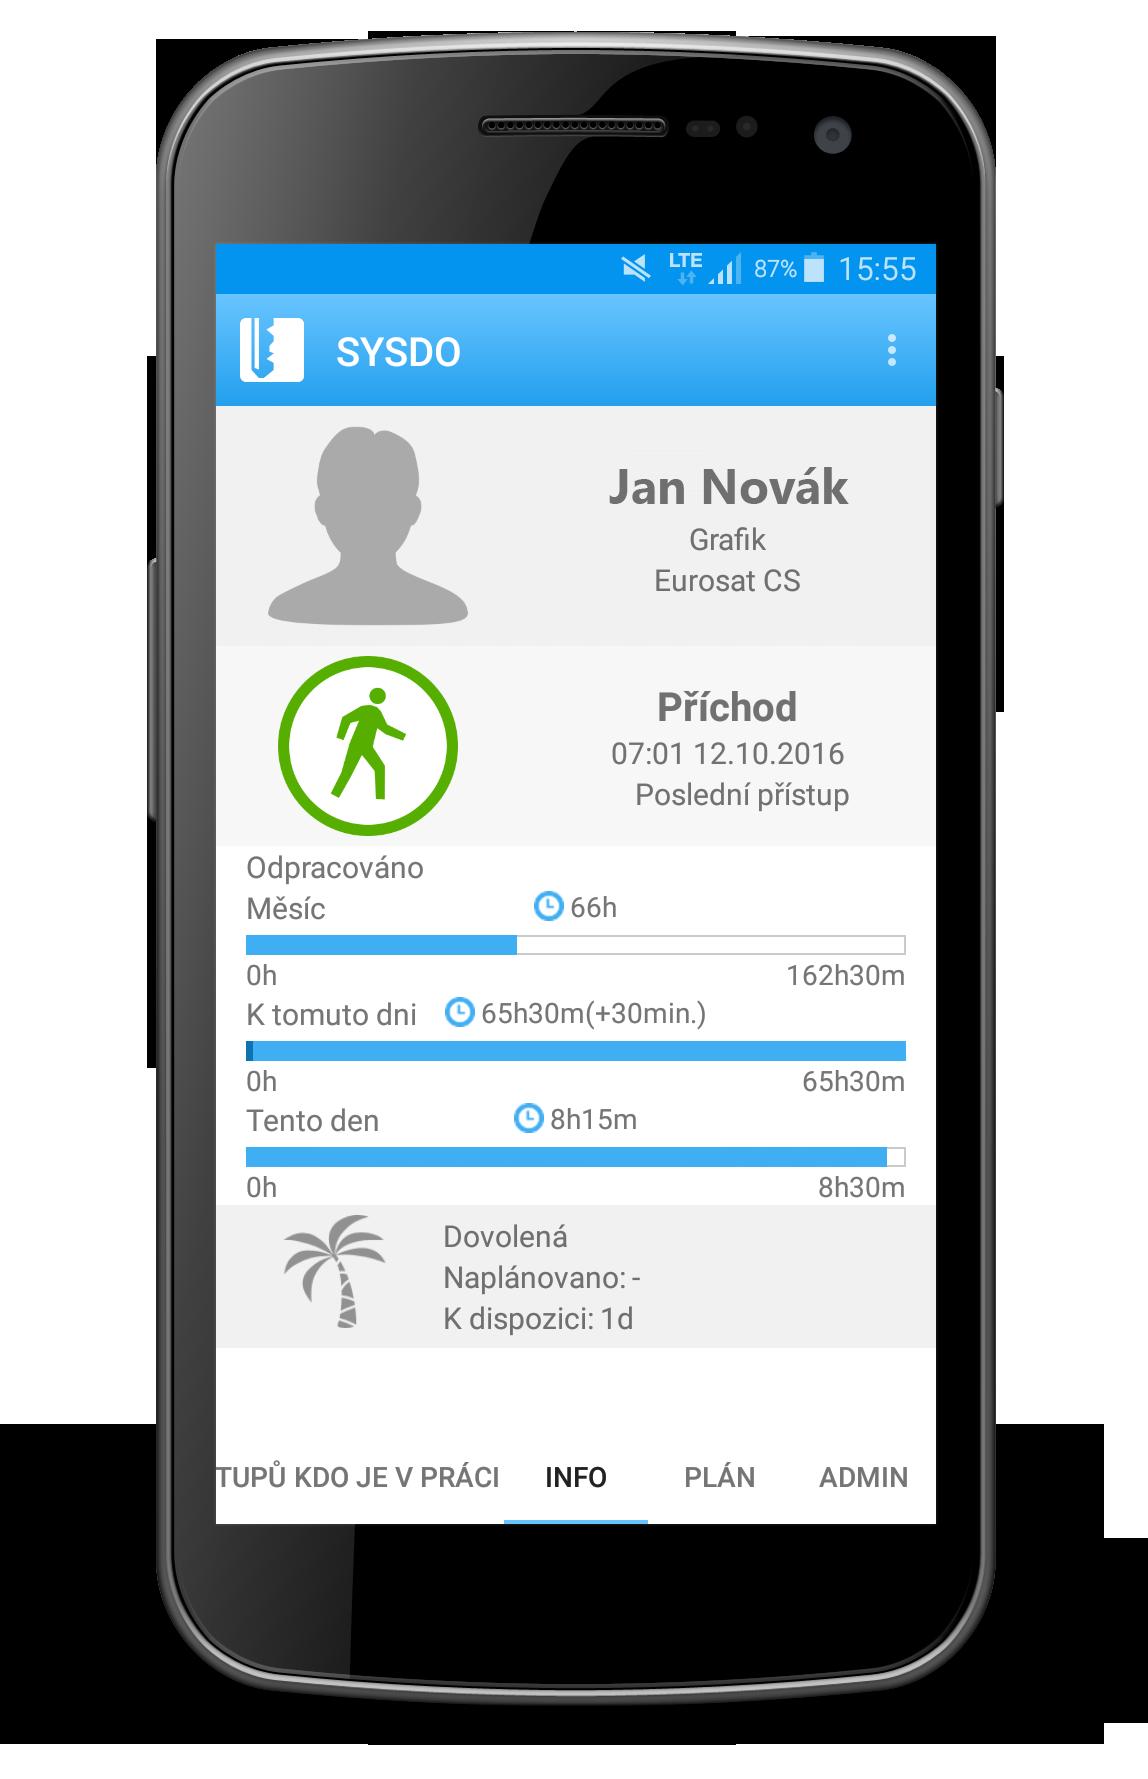 Náhled mobilní aplikace - informace o uživateli